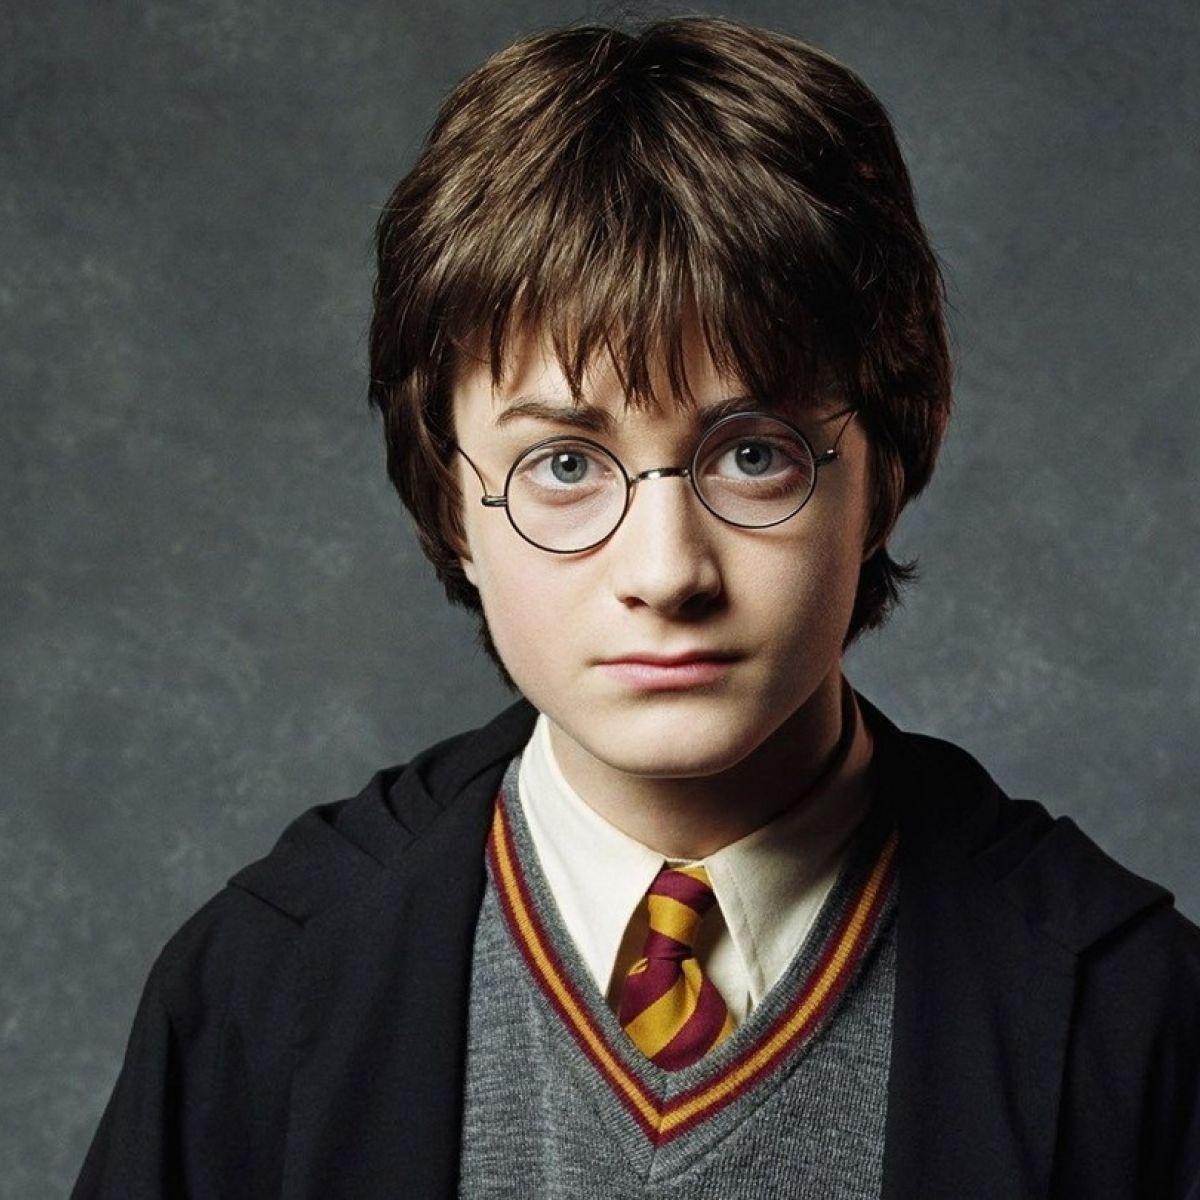 Les personnages de Harry Potter : du plus nul au moins bien (top 15)